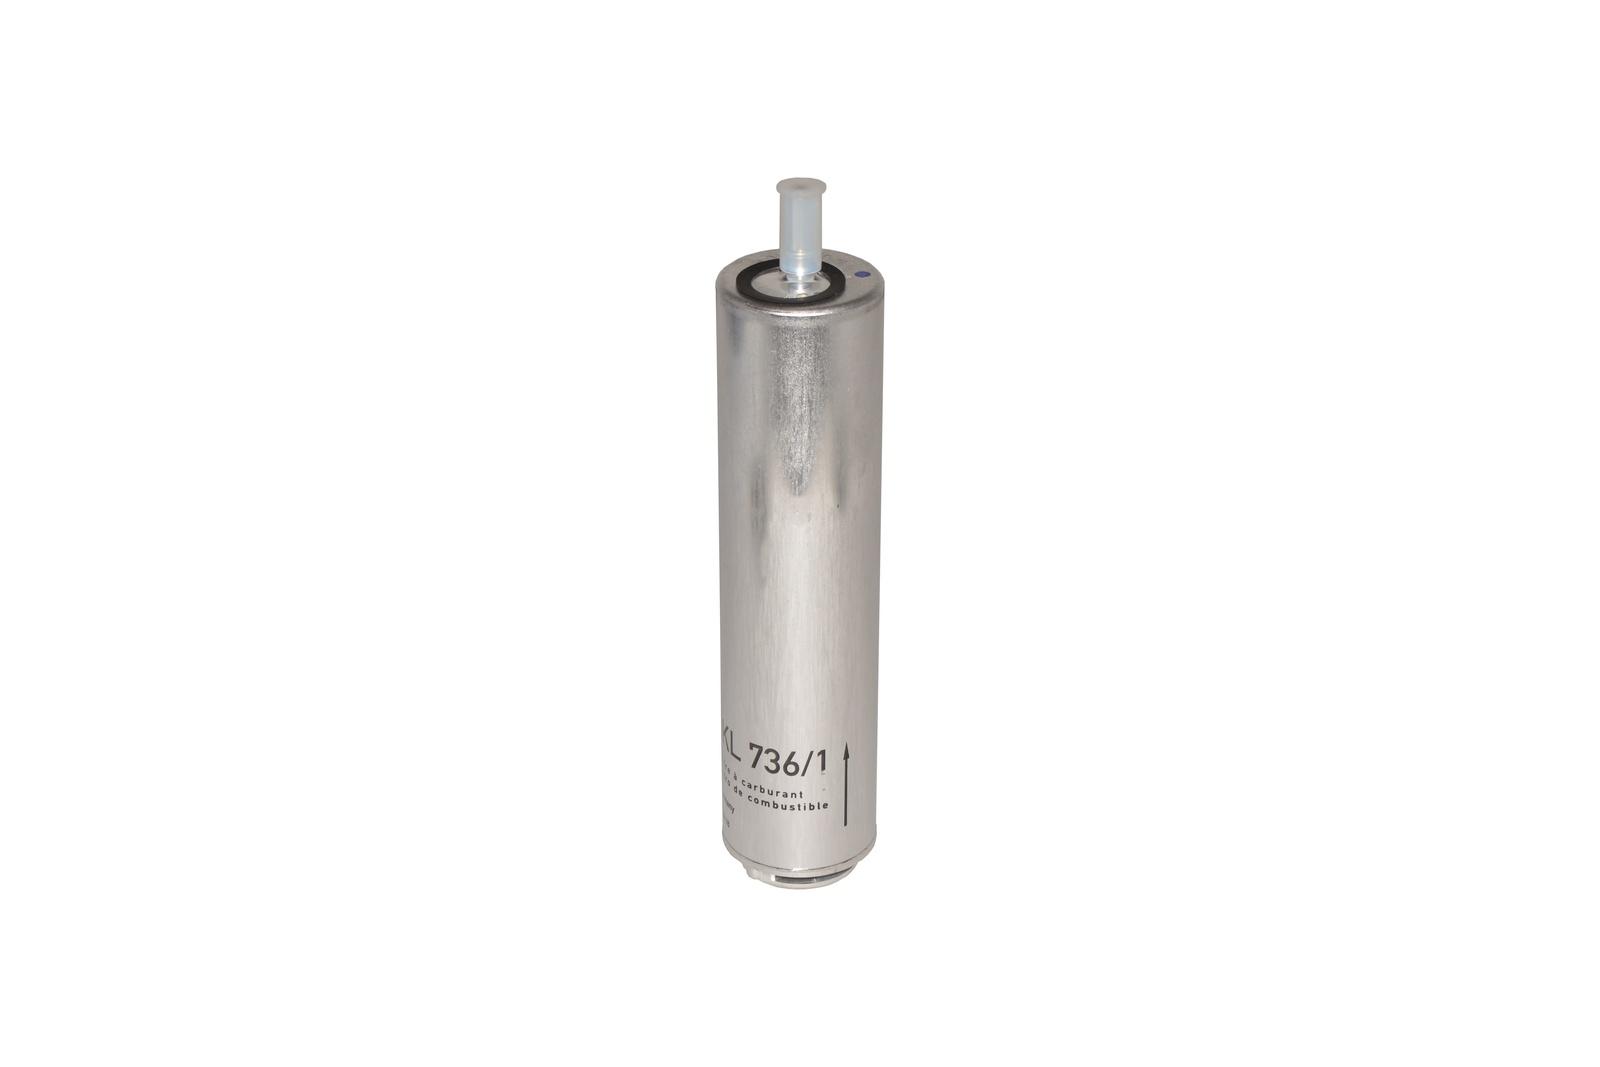 Топливный фильтр Mahle ORIGINAL KL7361D фильтр топливный mahle kl438